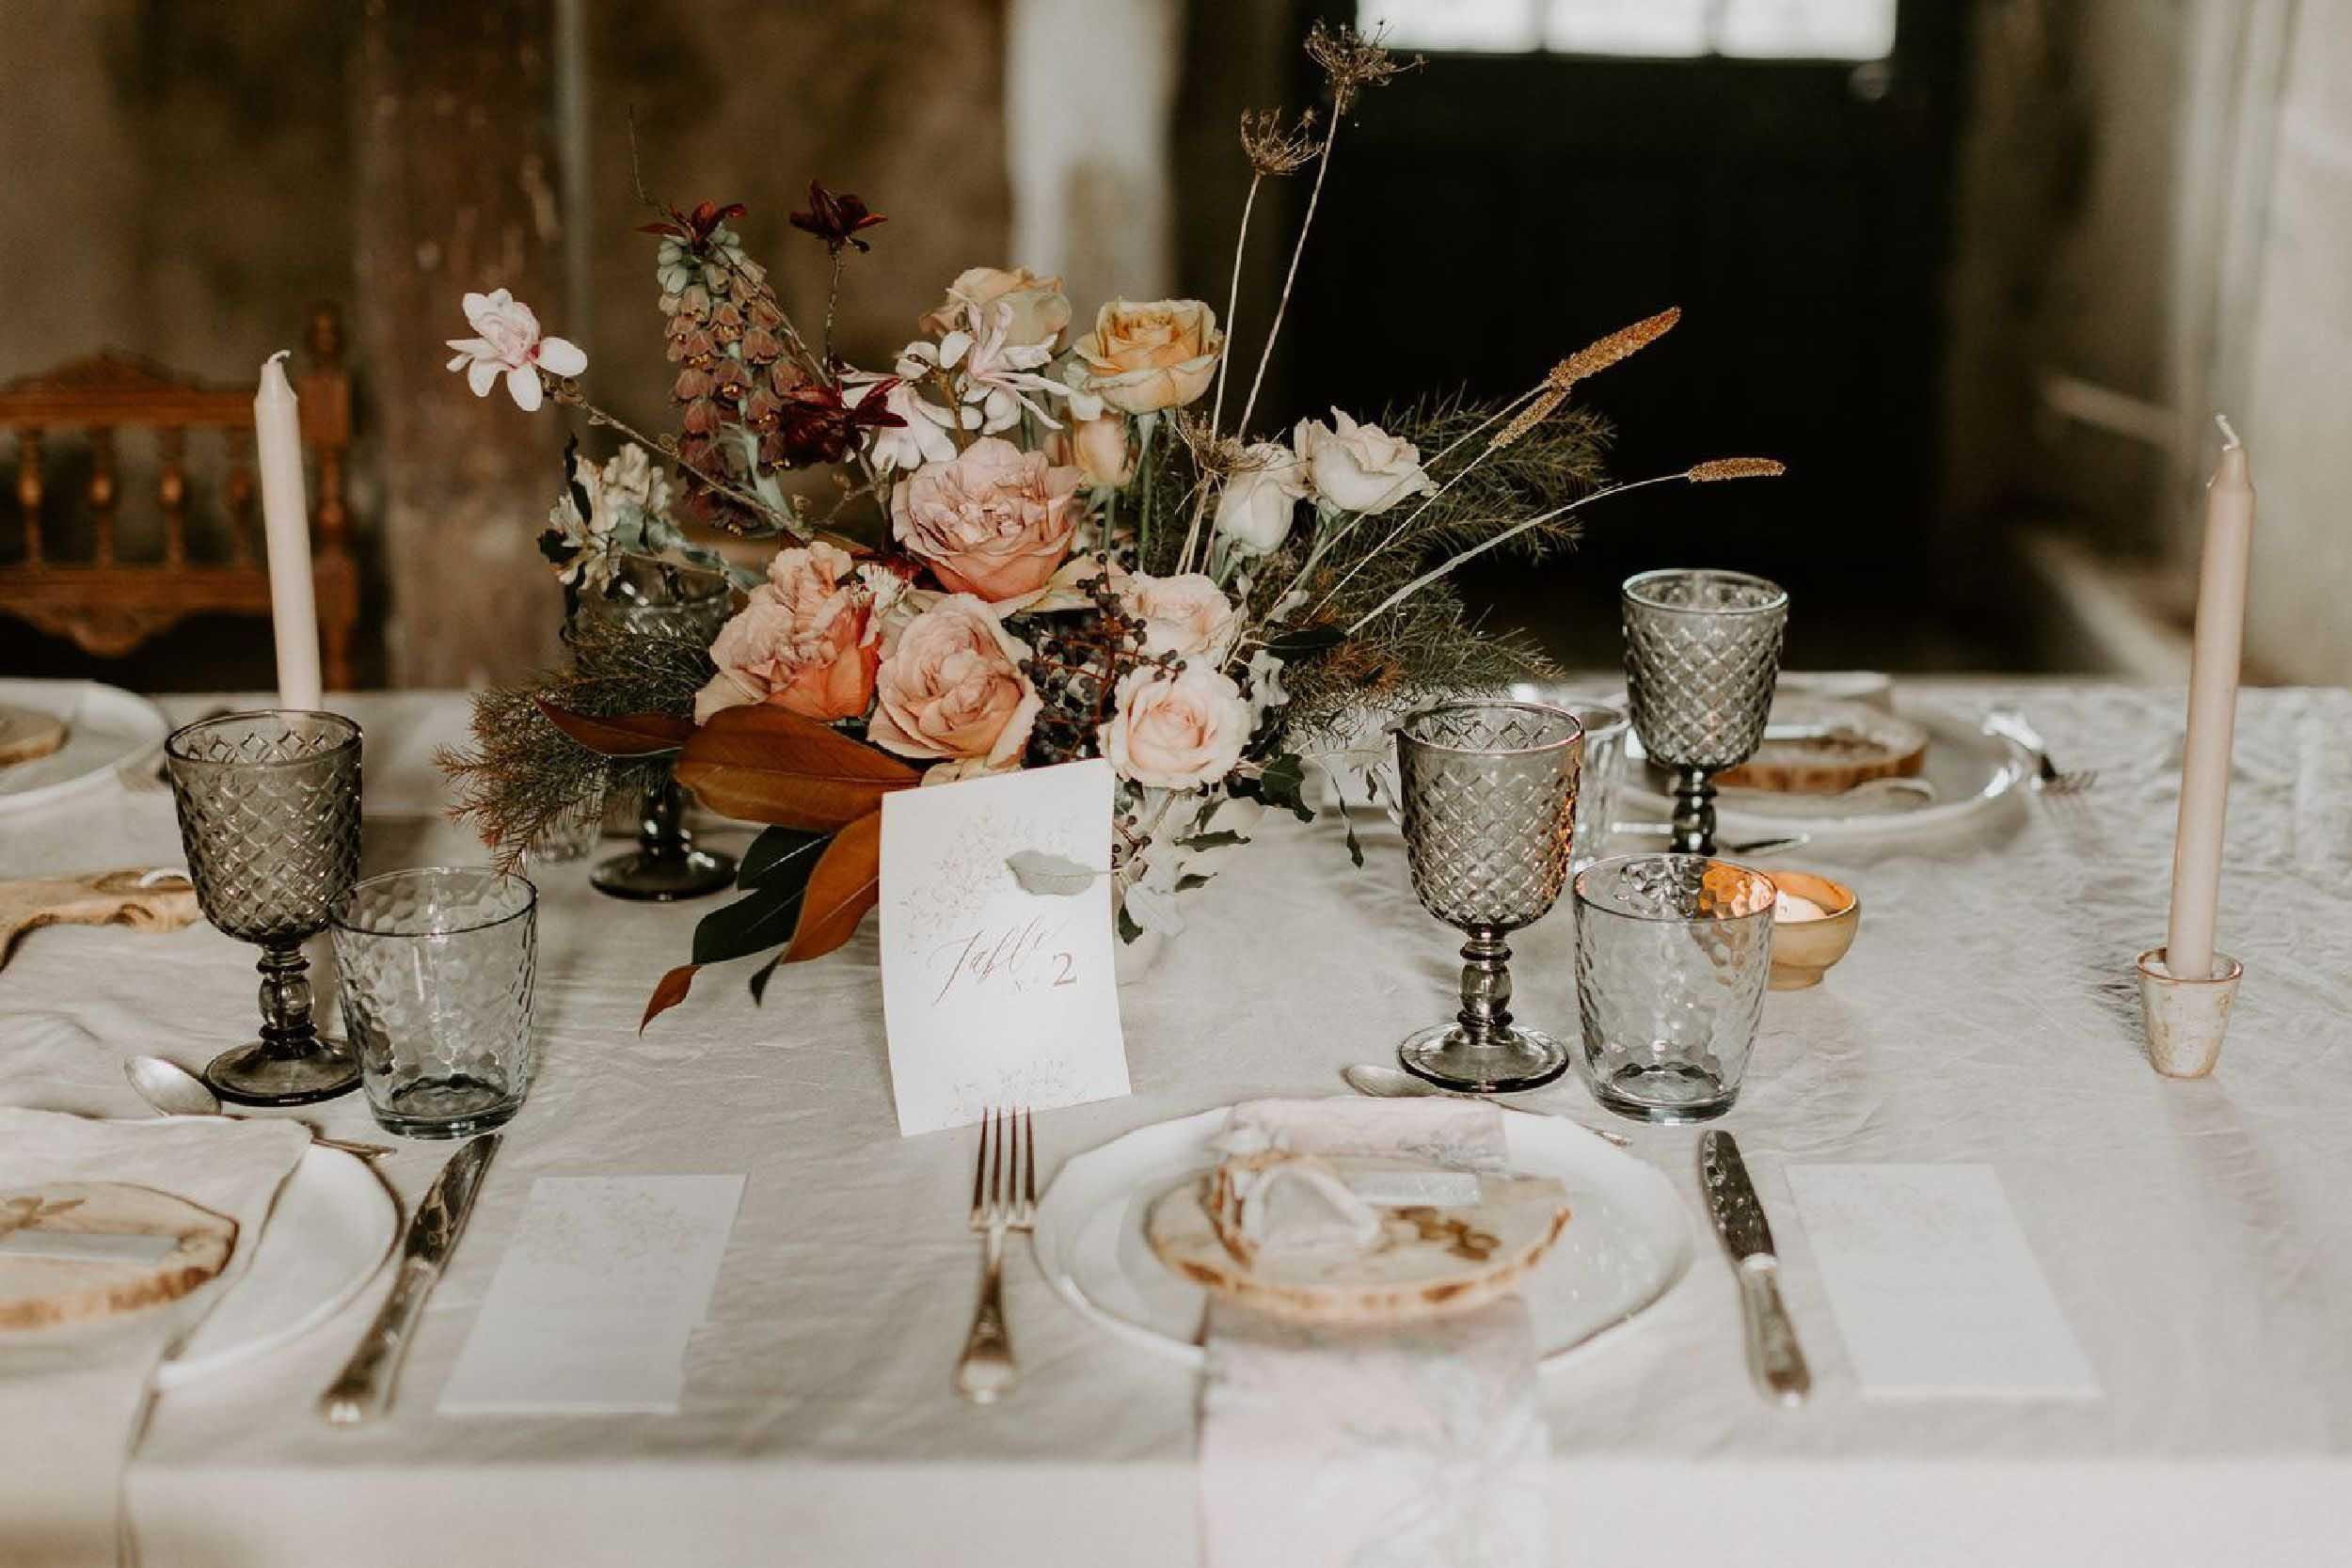 centre de table fleuri decoration table nantes